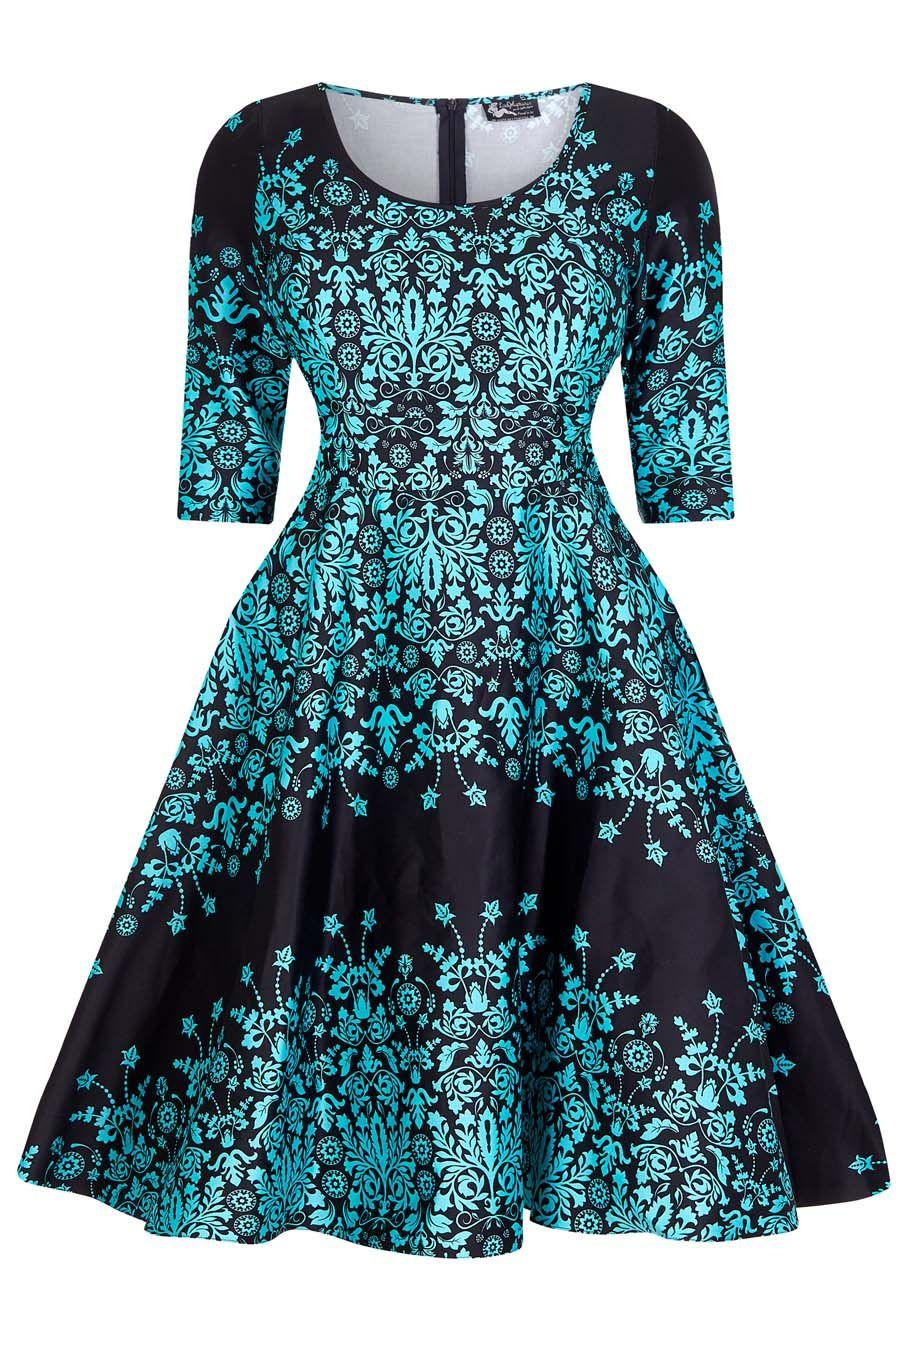 Černé šaty s tyrkysovým vzorem Lady V London Phoebe Naprosto jedinečné šaty  pro dámy plus size 71d36991586